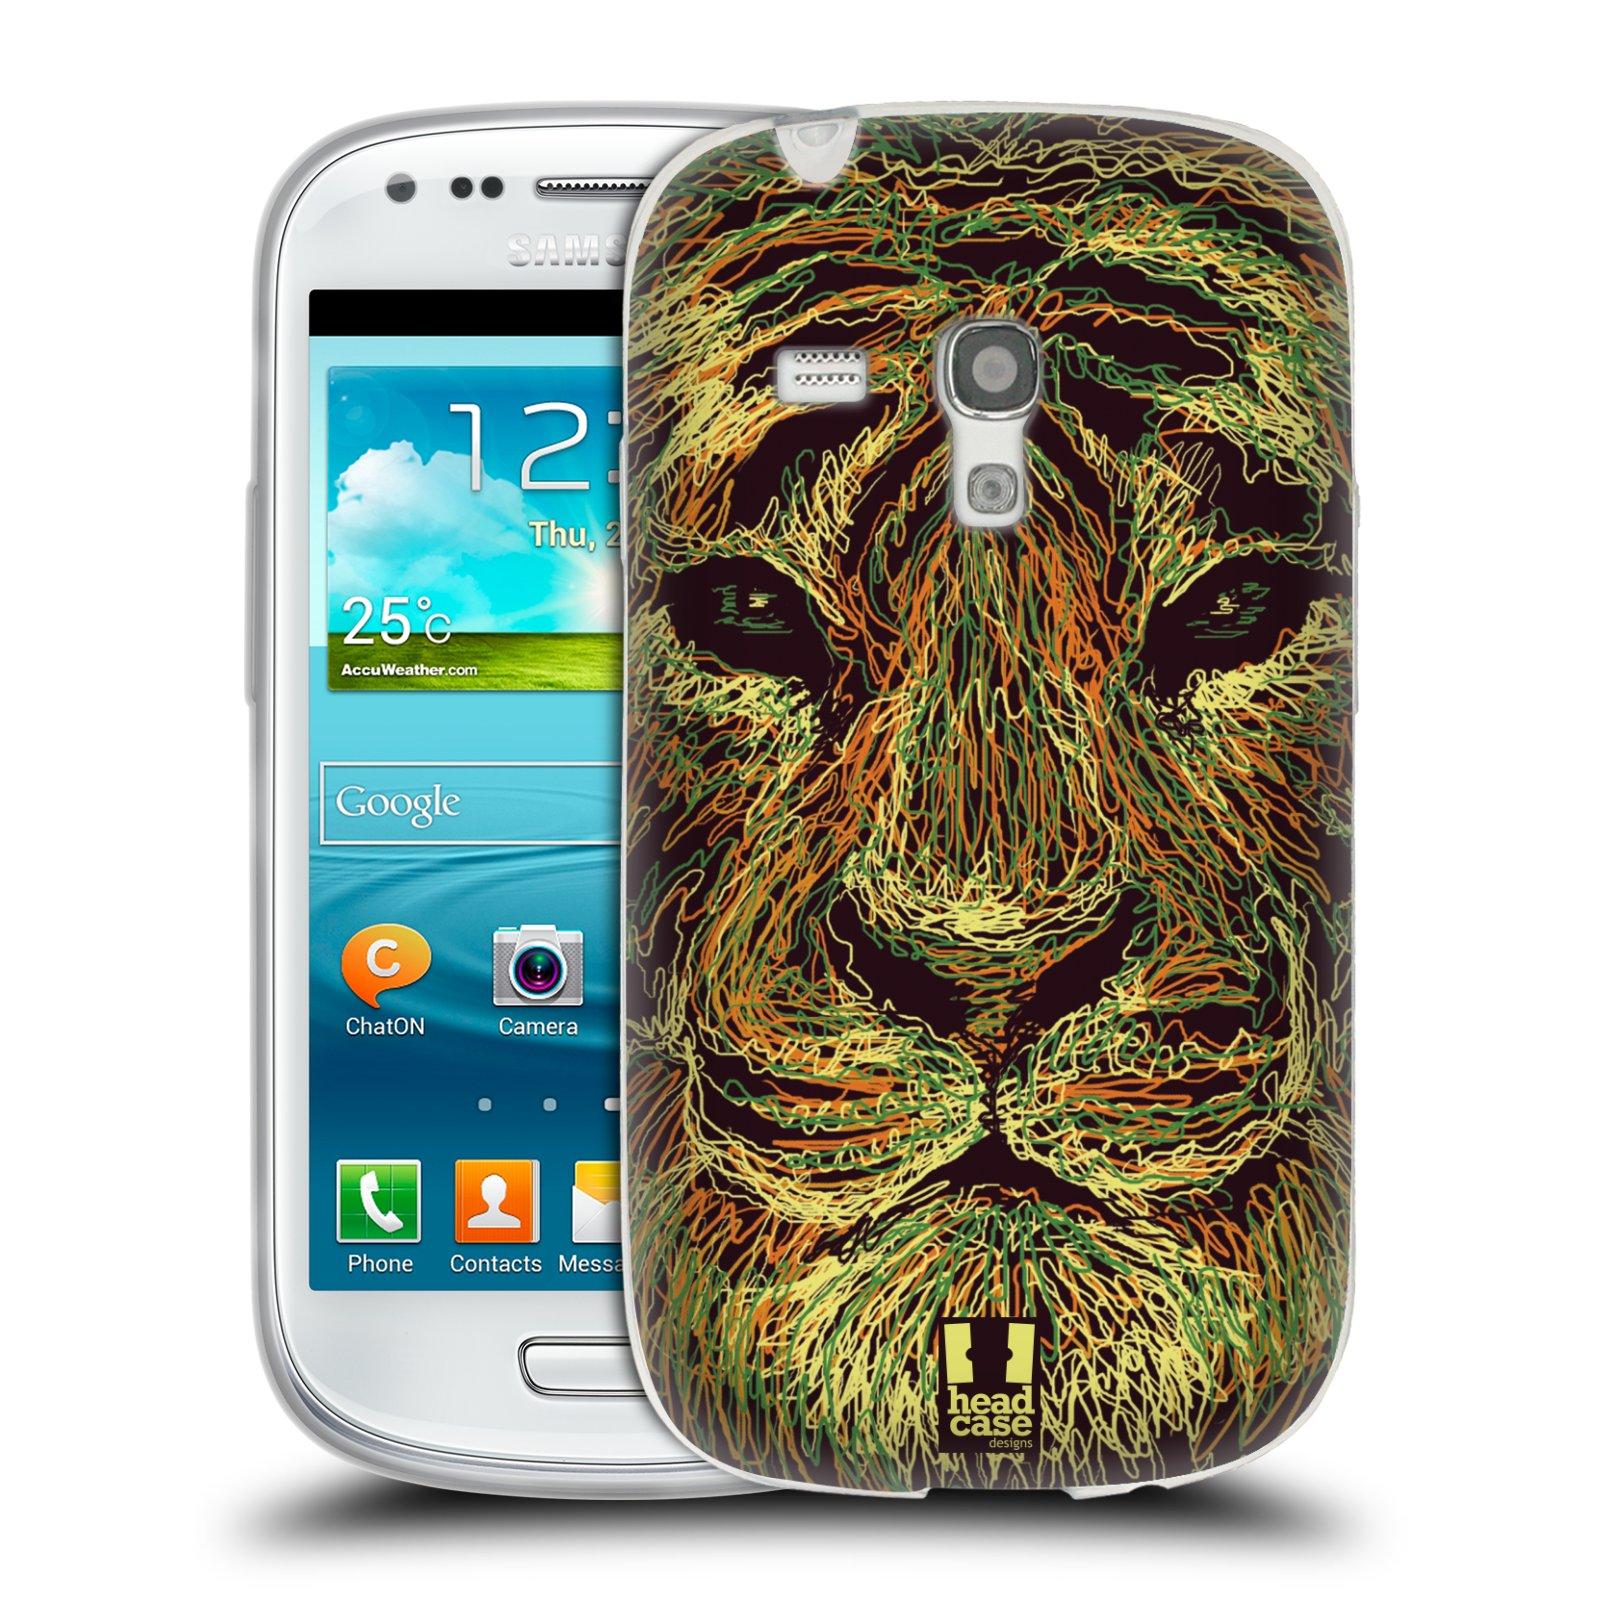 HEAD CASE silikonový obal na mobil Samsung Galaxy S3 MINI i8190 vzor zvíře čmáranice tygr